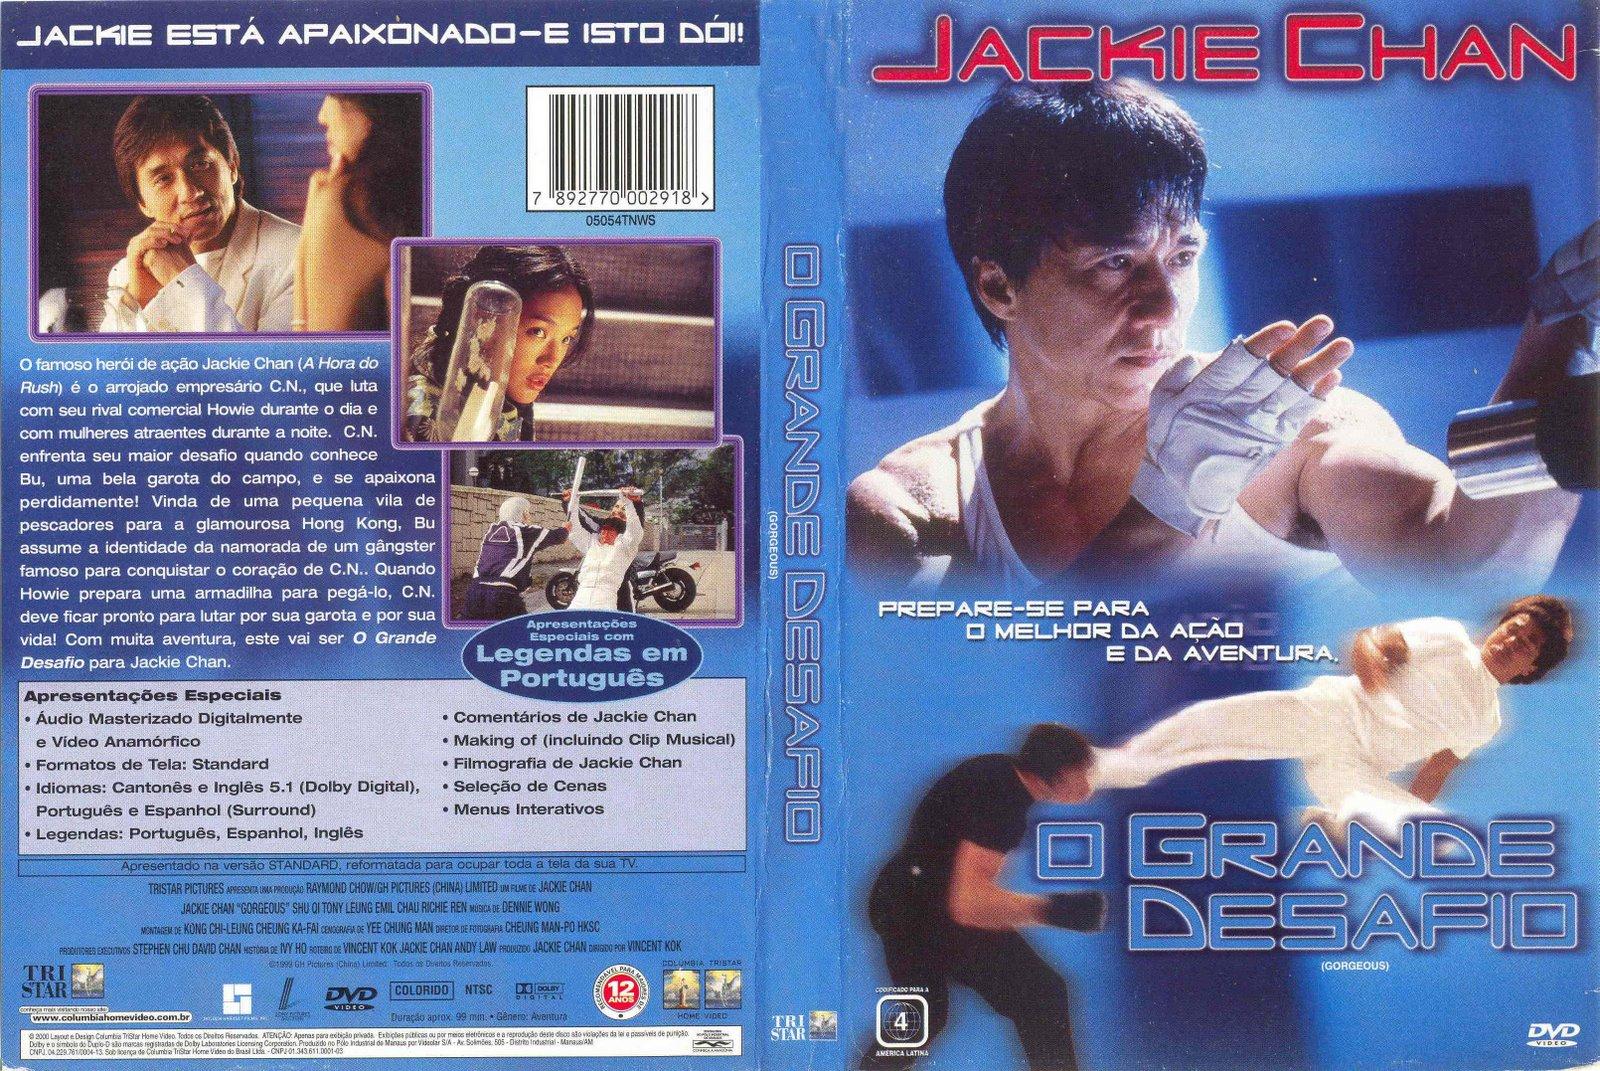 Jackie chan grande desafio online dating. greep krijgen op je studieloopbaan online dating.